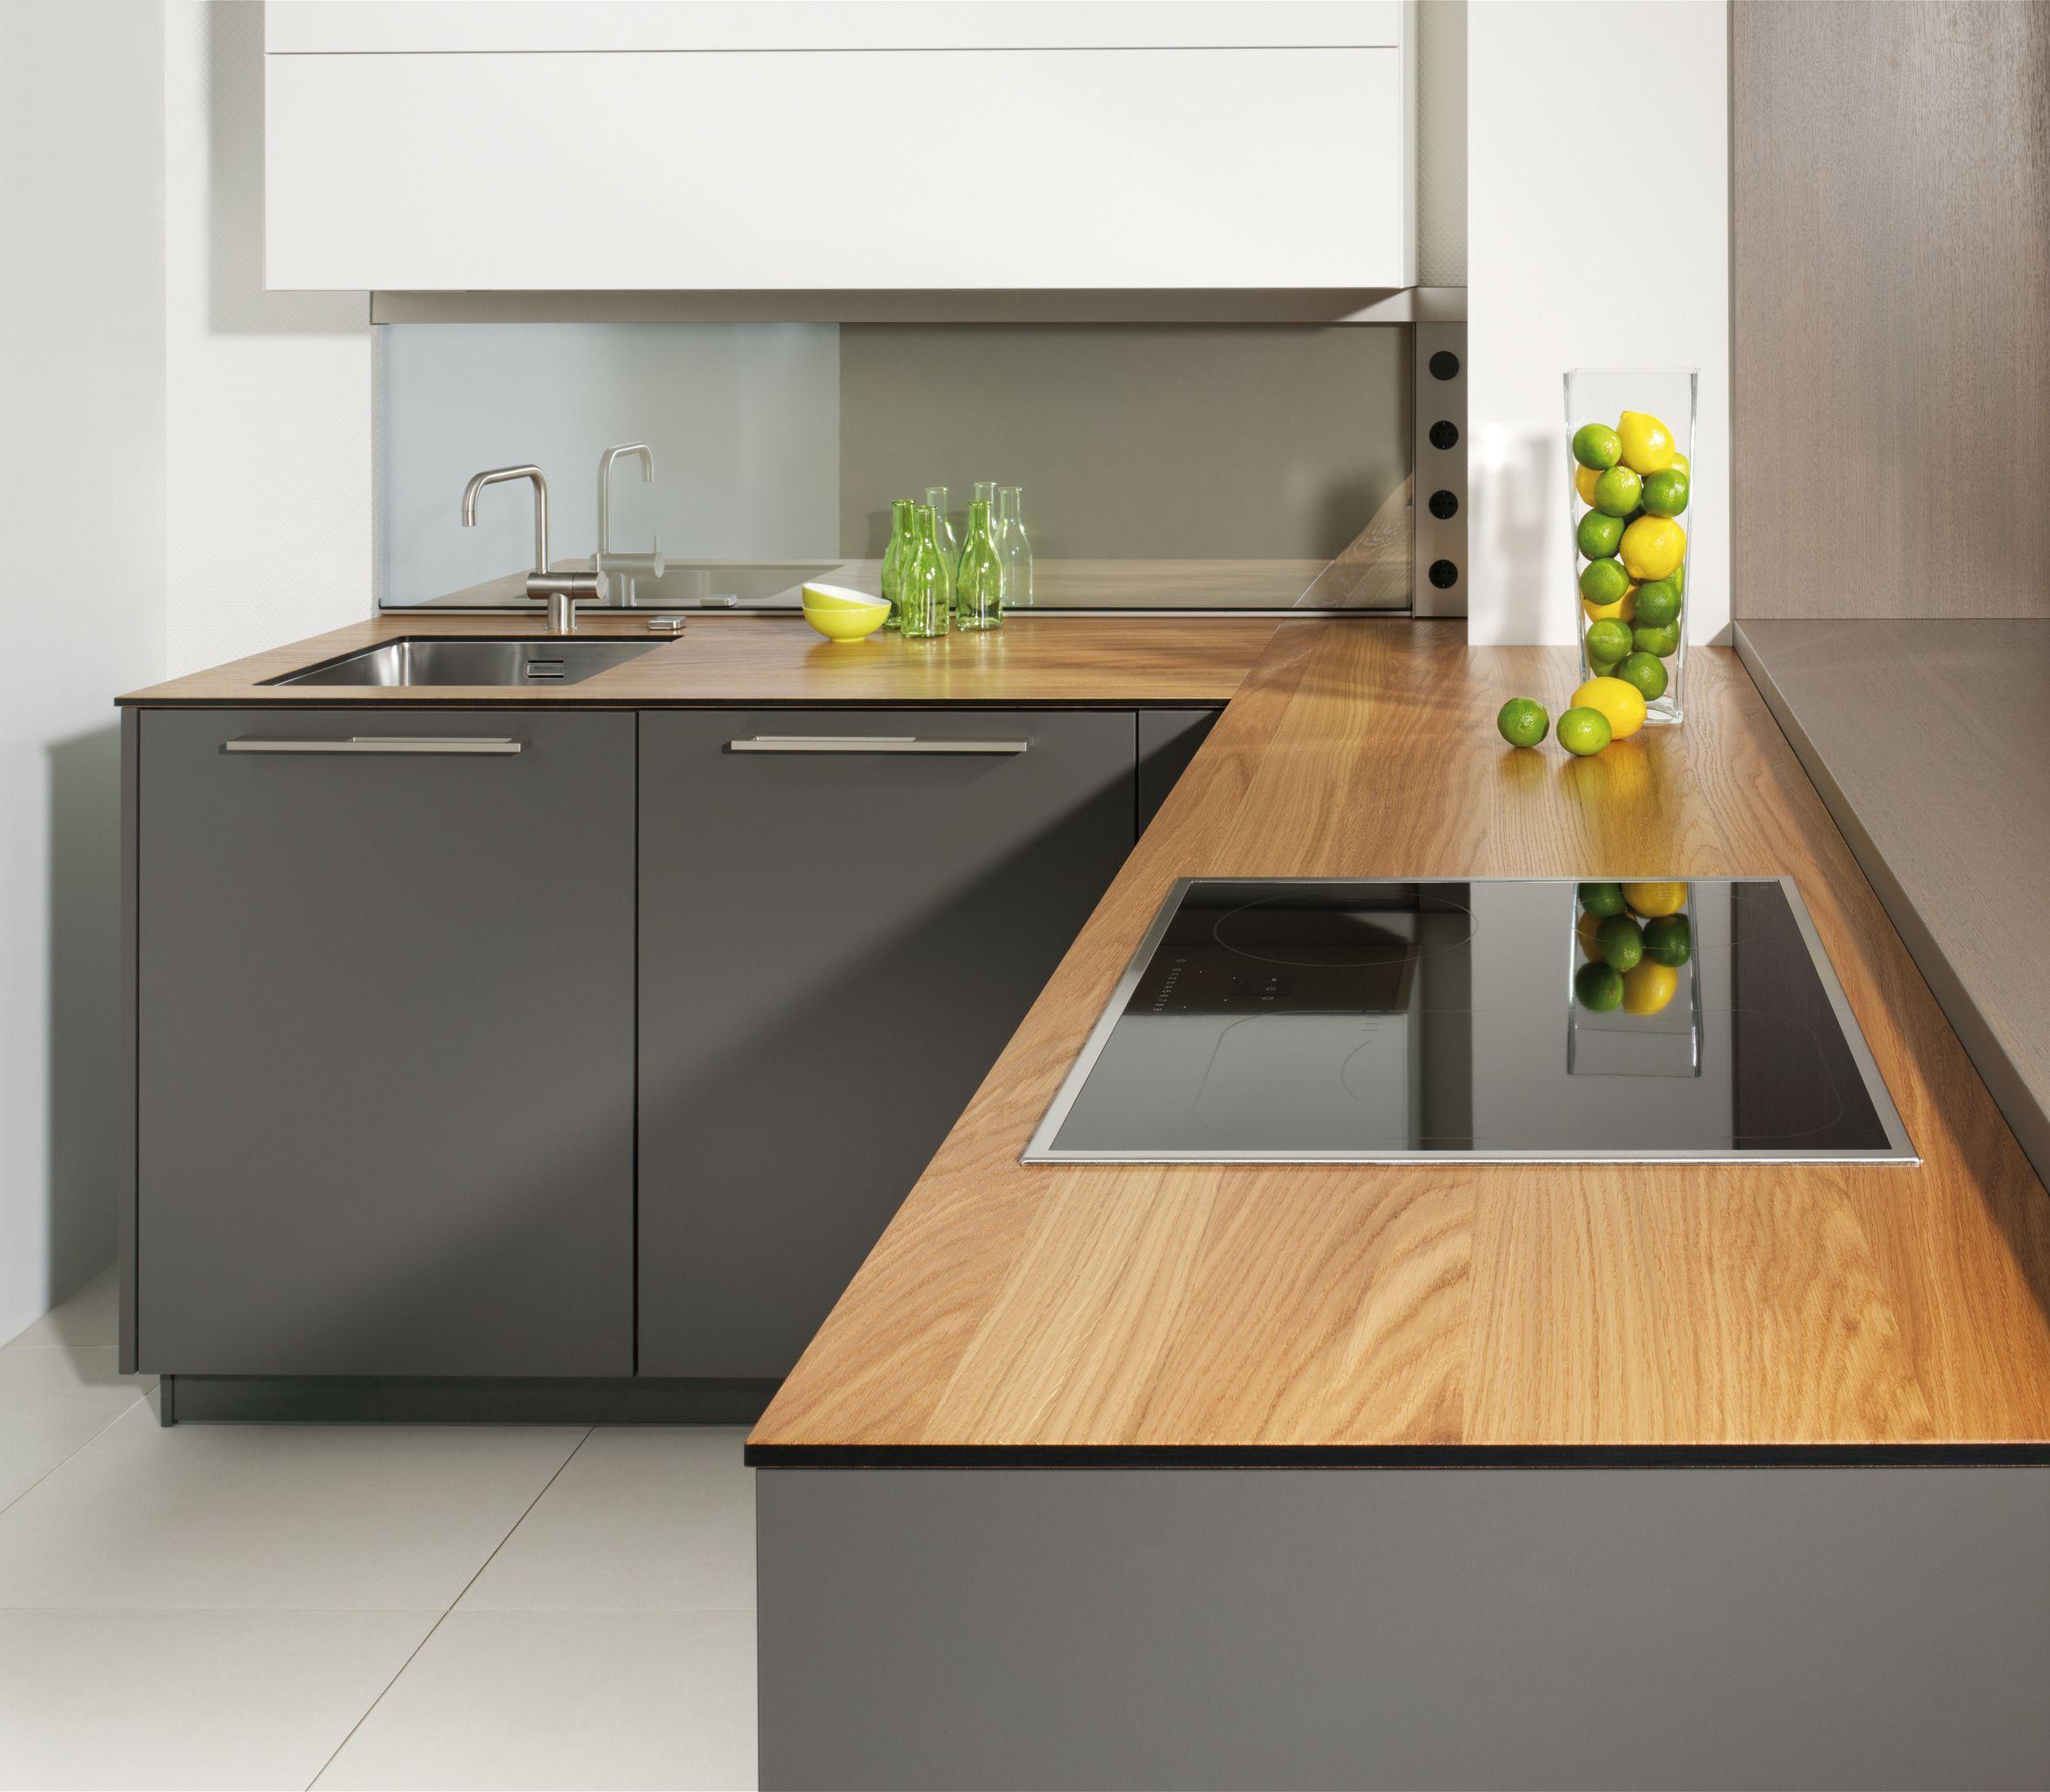 küche arbeitsplatte eiche - Google-Suche … | projekat kuhinja | Pinte…